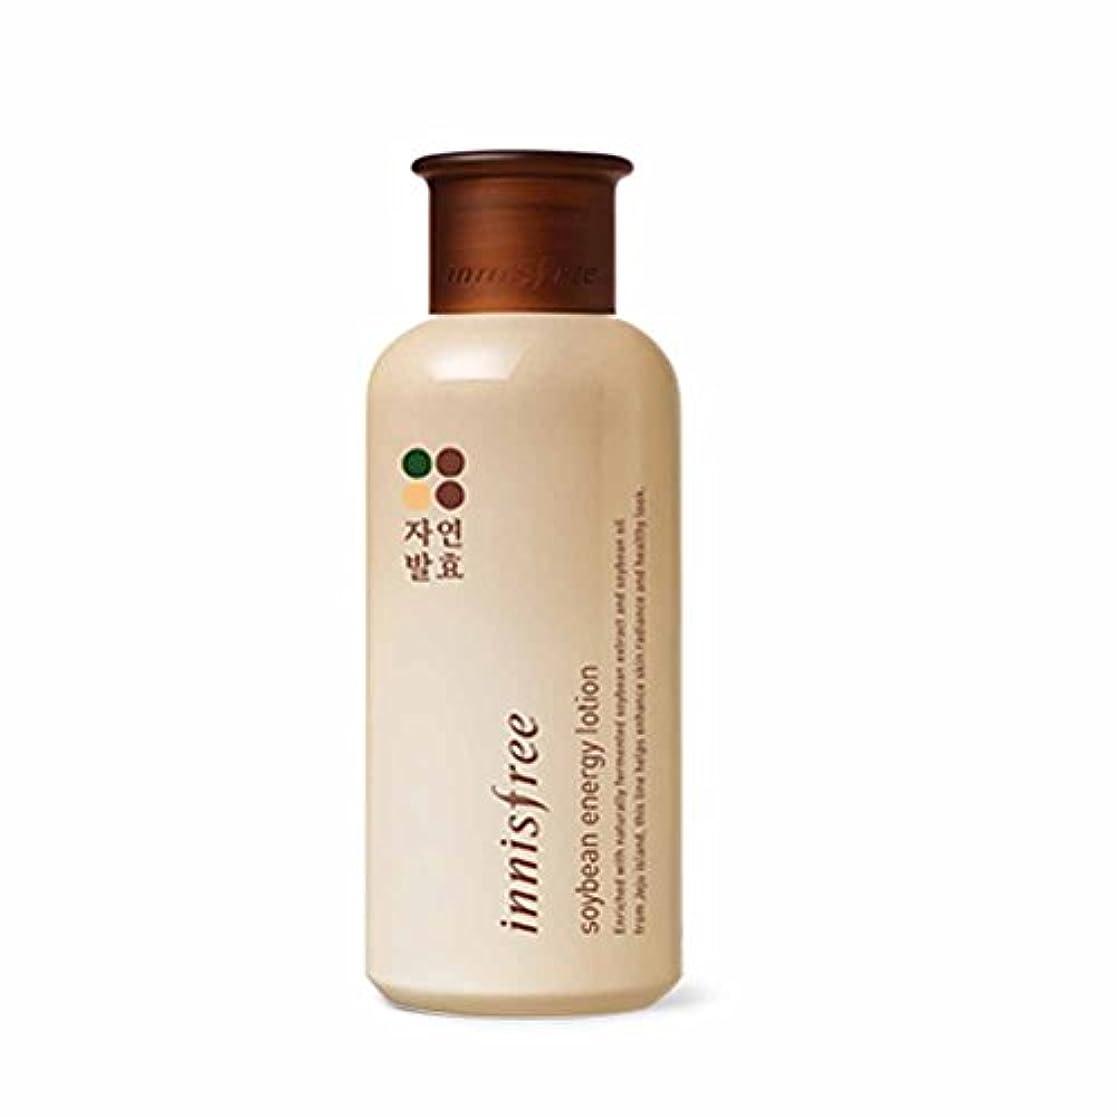 部分歯車故障イニスフリーソイビーンエナジースキン(トナー)200ml / Innisfree Soybean Energy Skin(Toner) 200ml[海外直送品][並行輸入品]